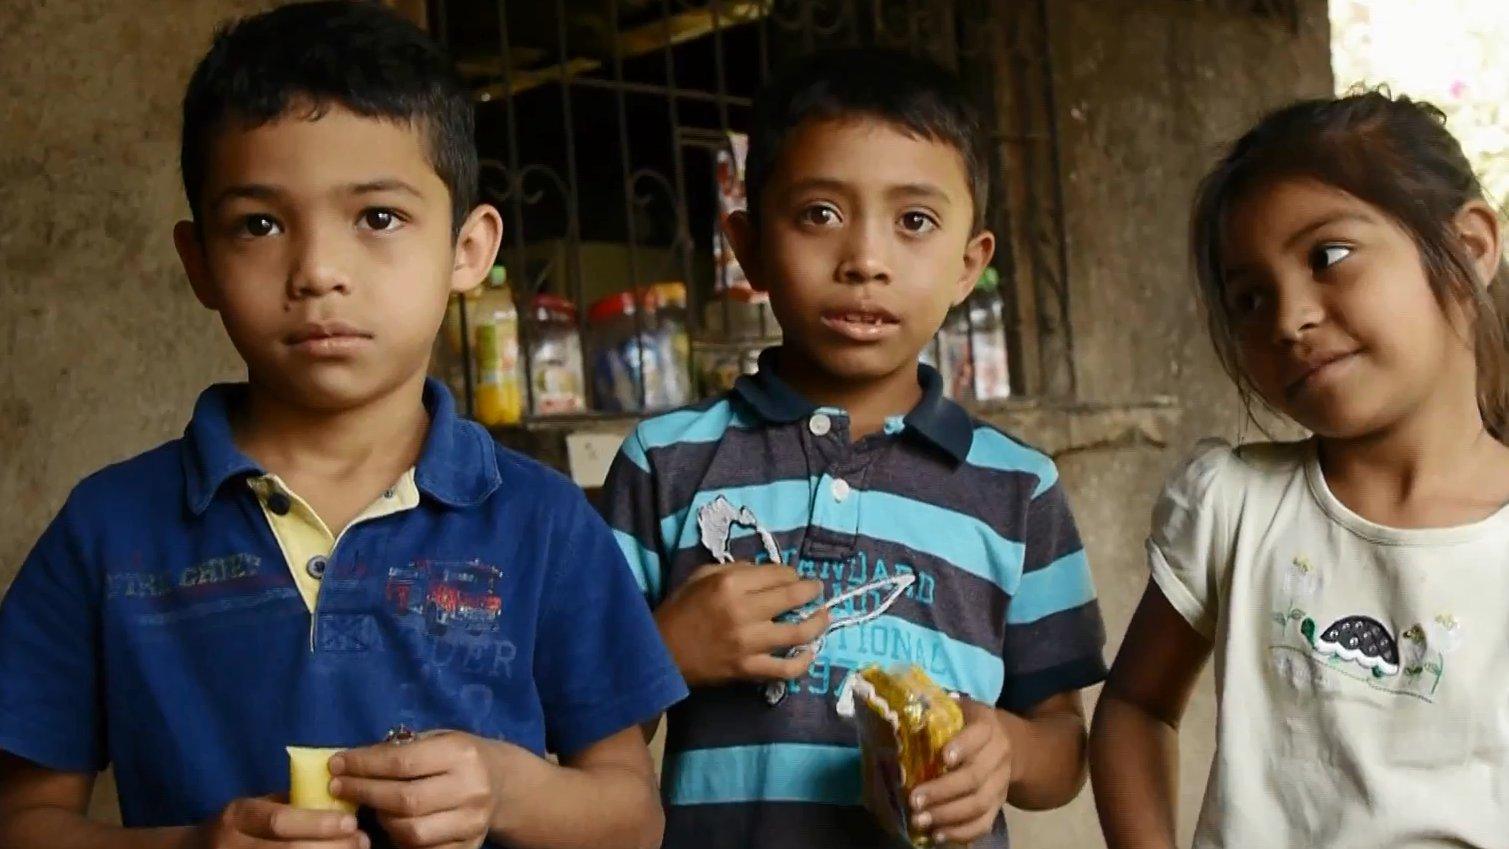 Drei Kinder schauen vor einem Kiosk in die Kamera.